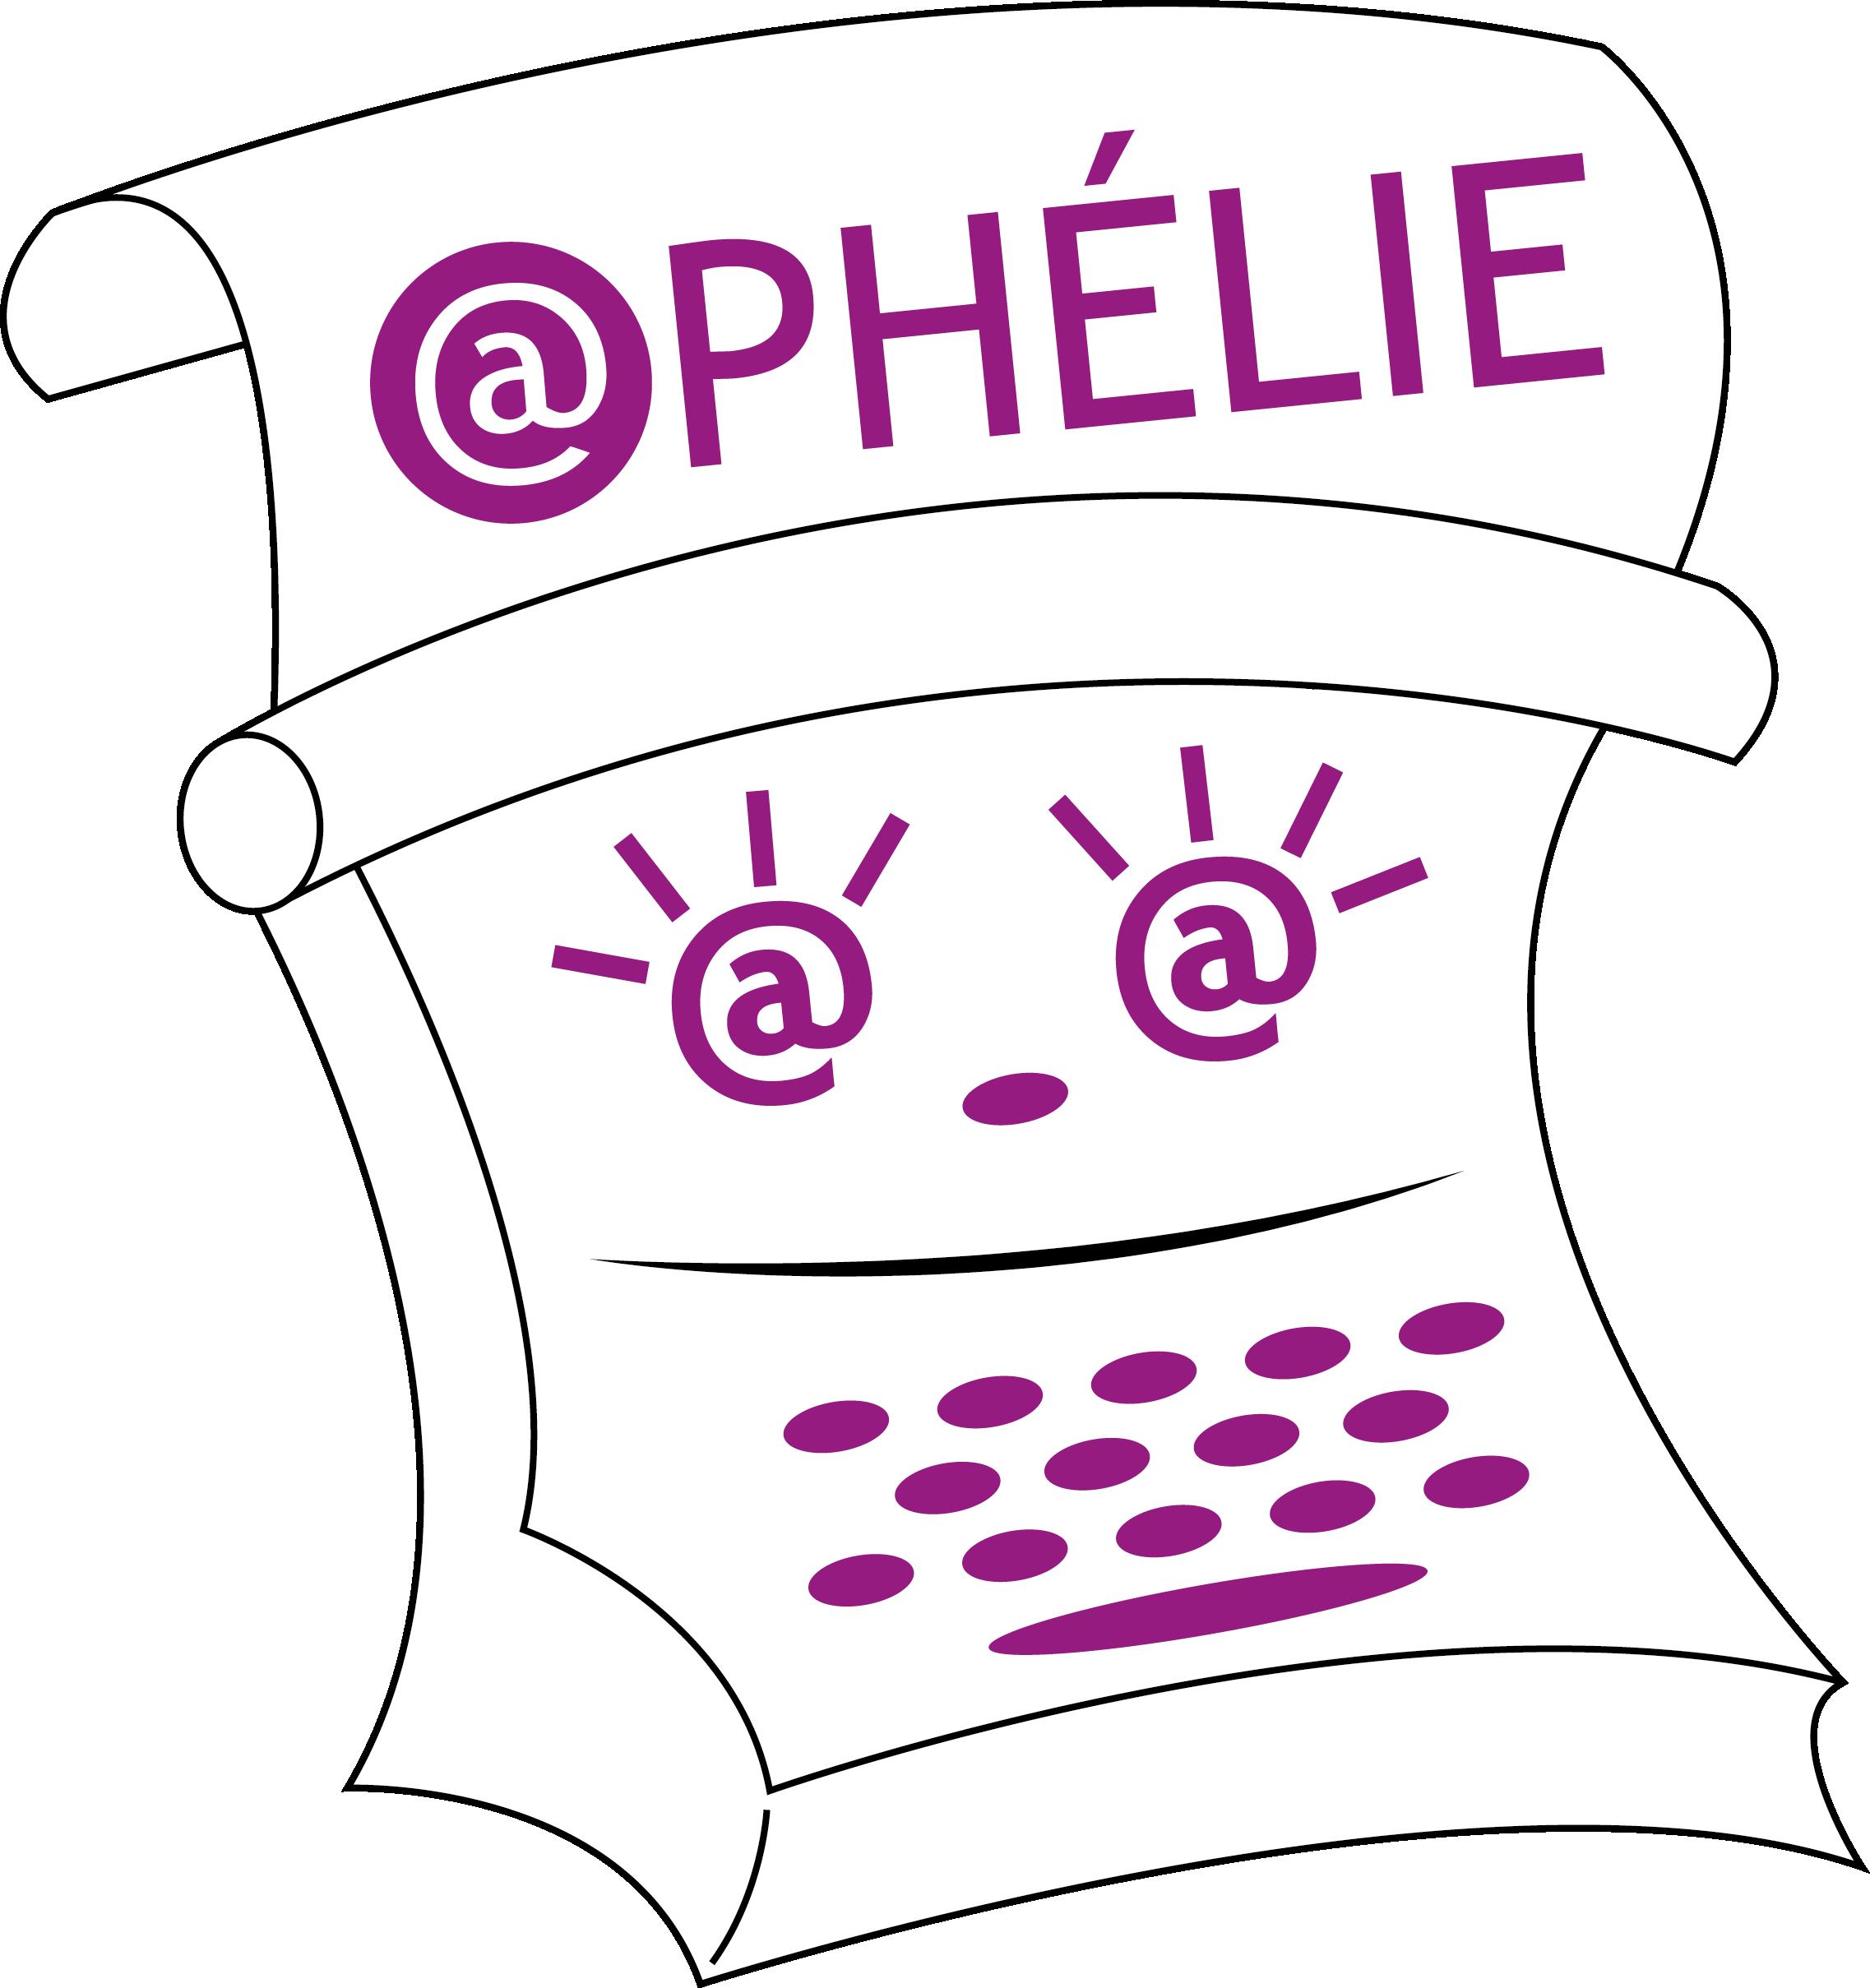 APHELIE